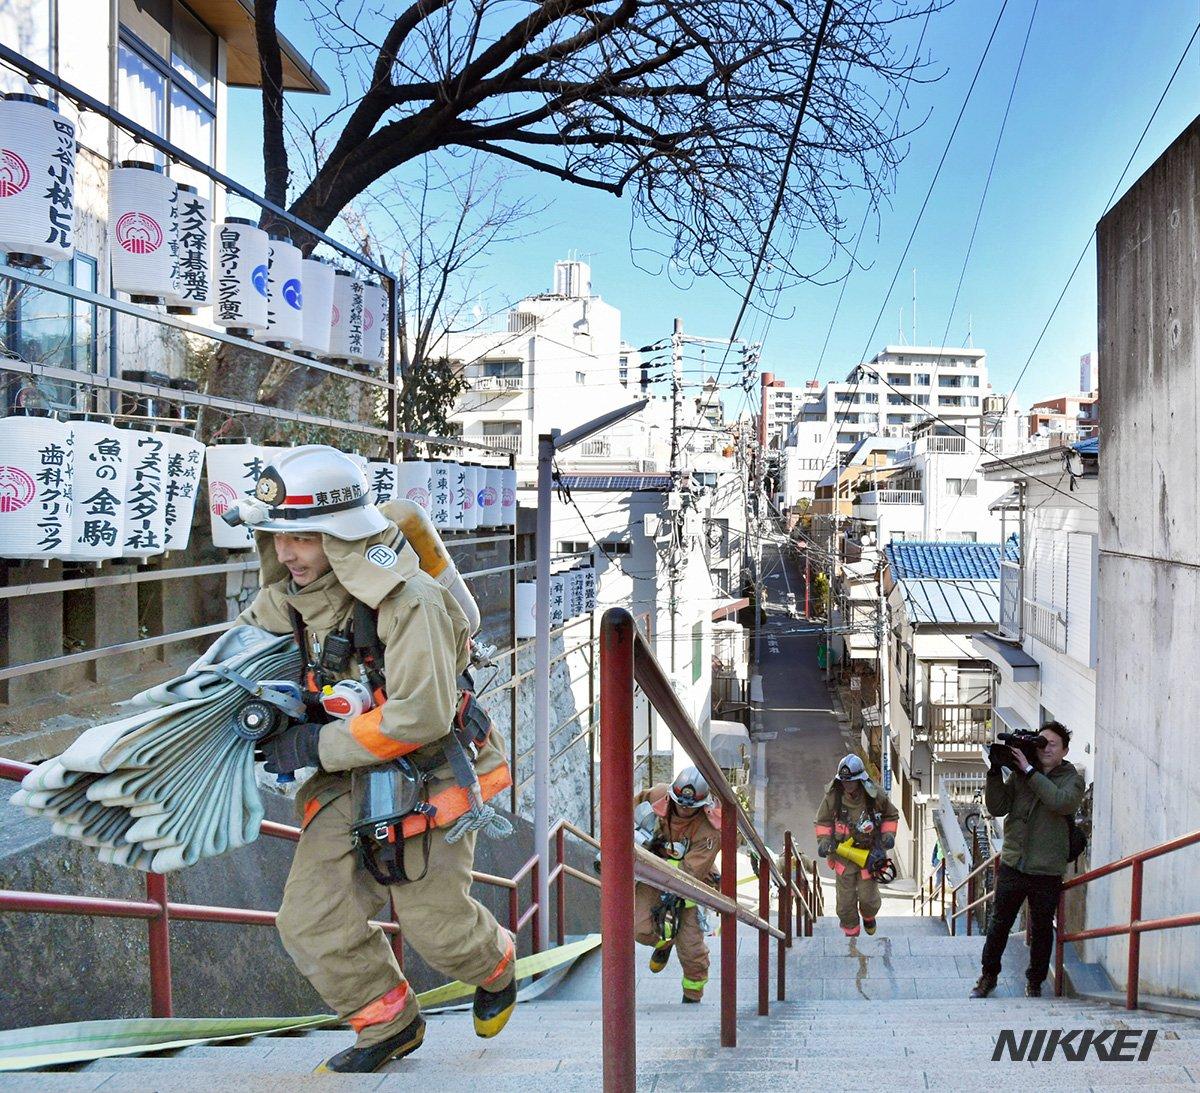 大ヒットのアニメ映画「君の名は。」の聖地とされる東京・四谷の須賀神社で、消防訓練が行われました。近く…